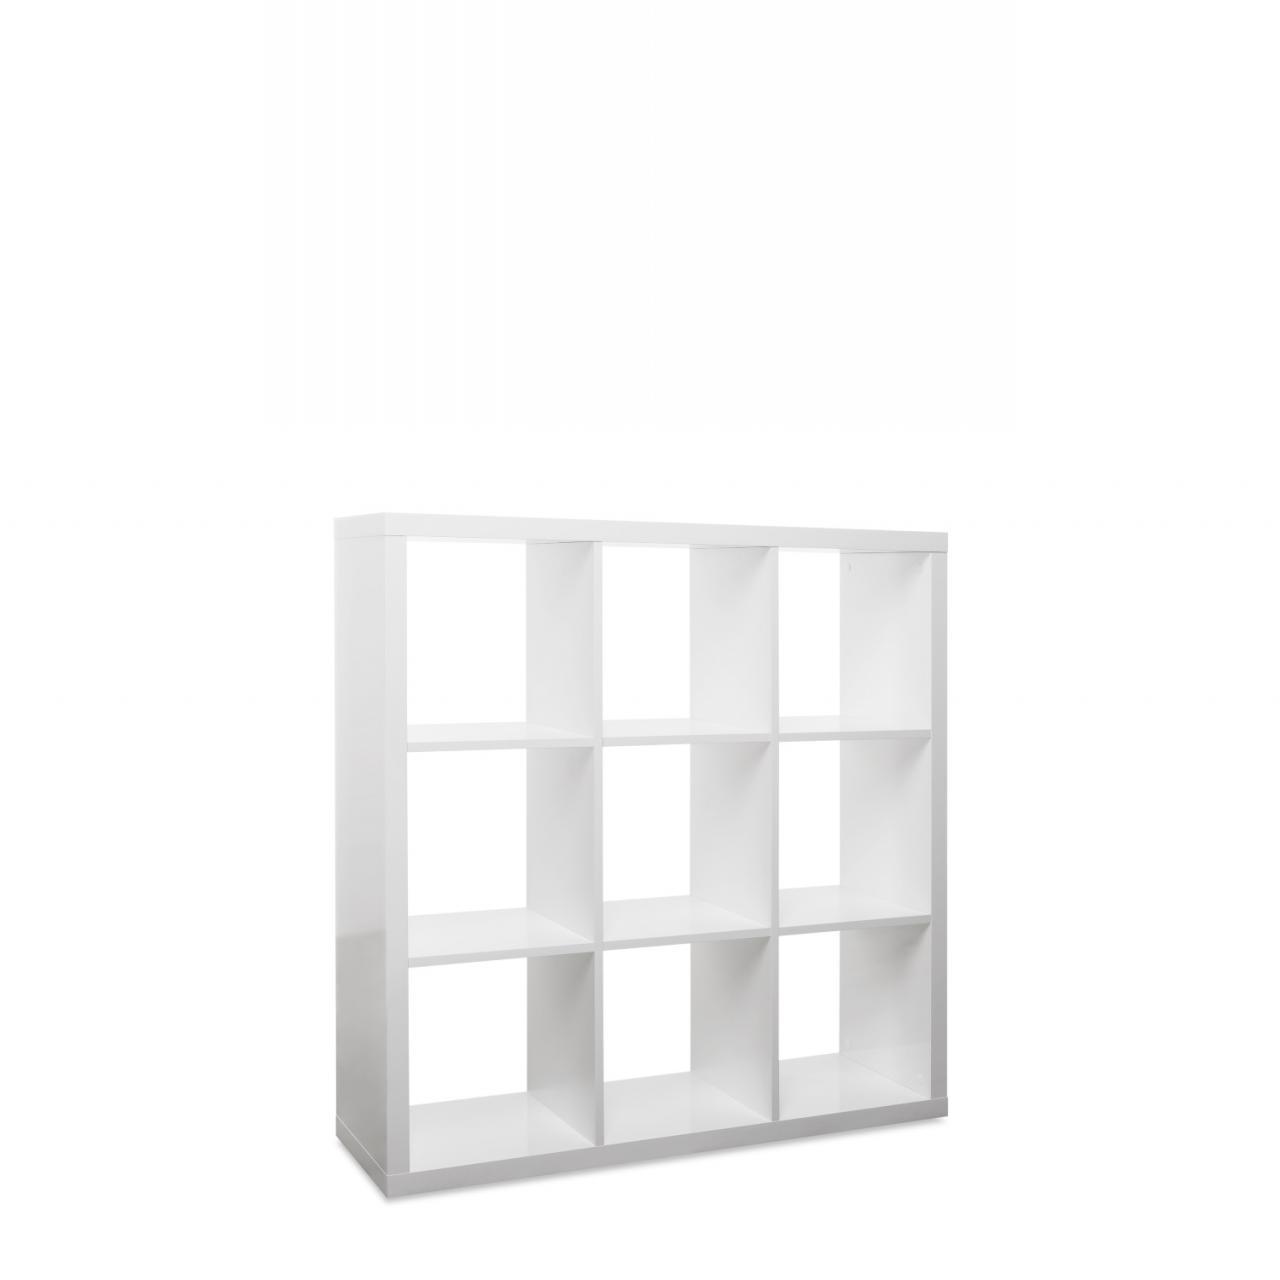 9er Regal Milano Weiß Hochglanz Standregal Aufbewahrung Bücherregal 9 Fächer